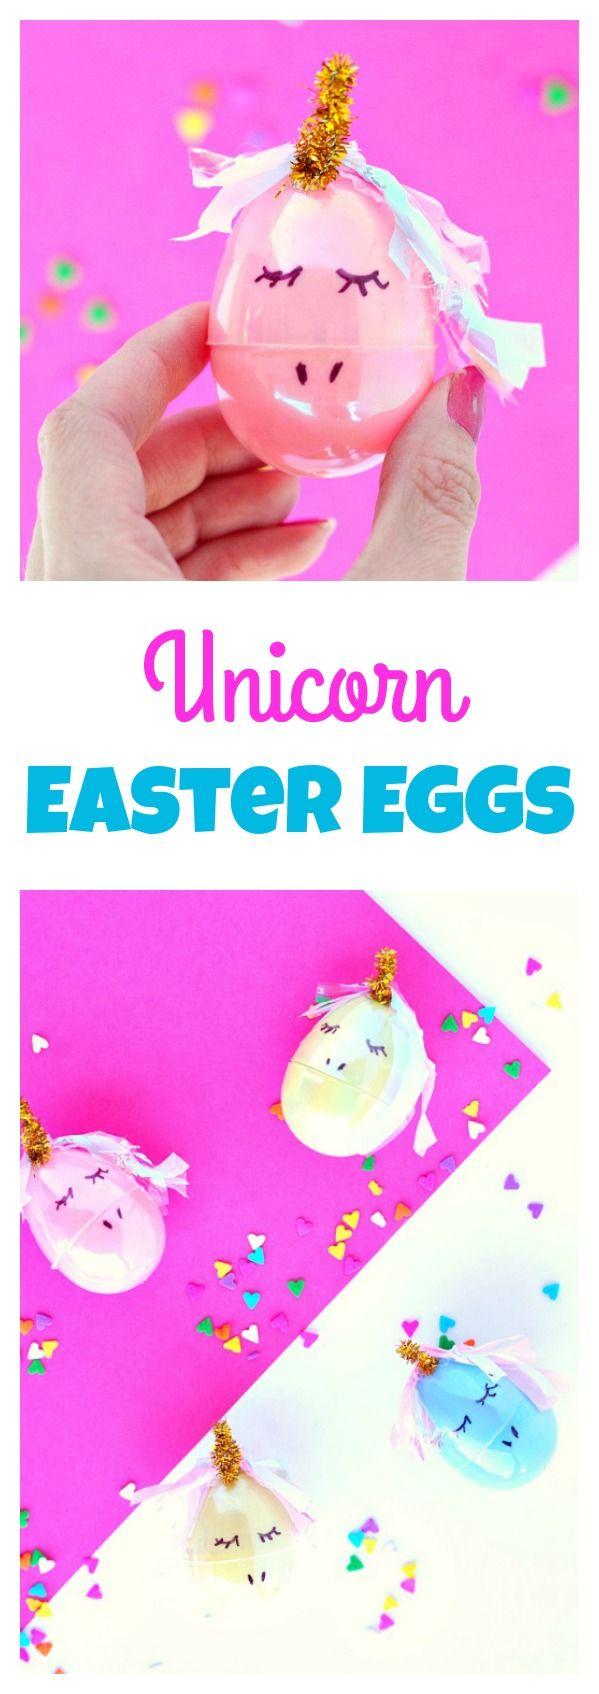 Unicorn Easter Eggs